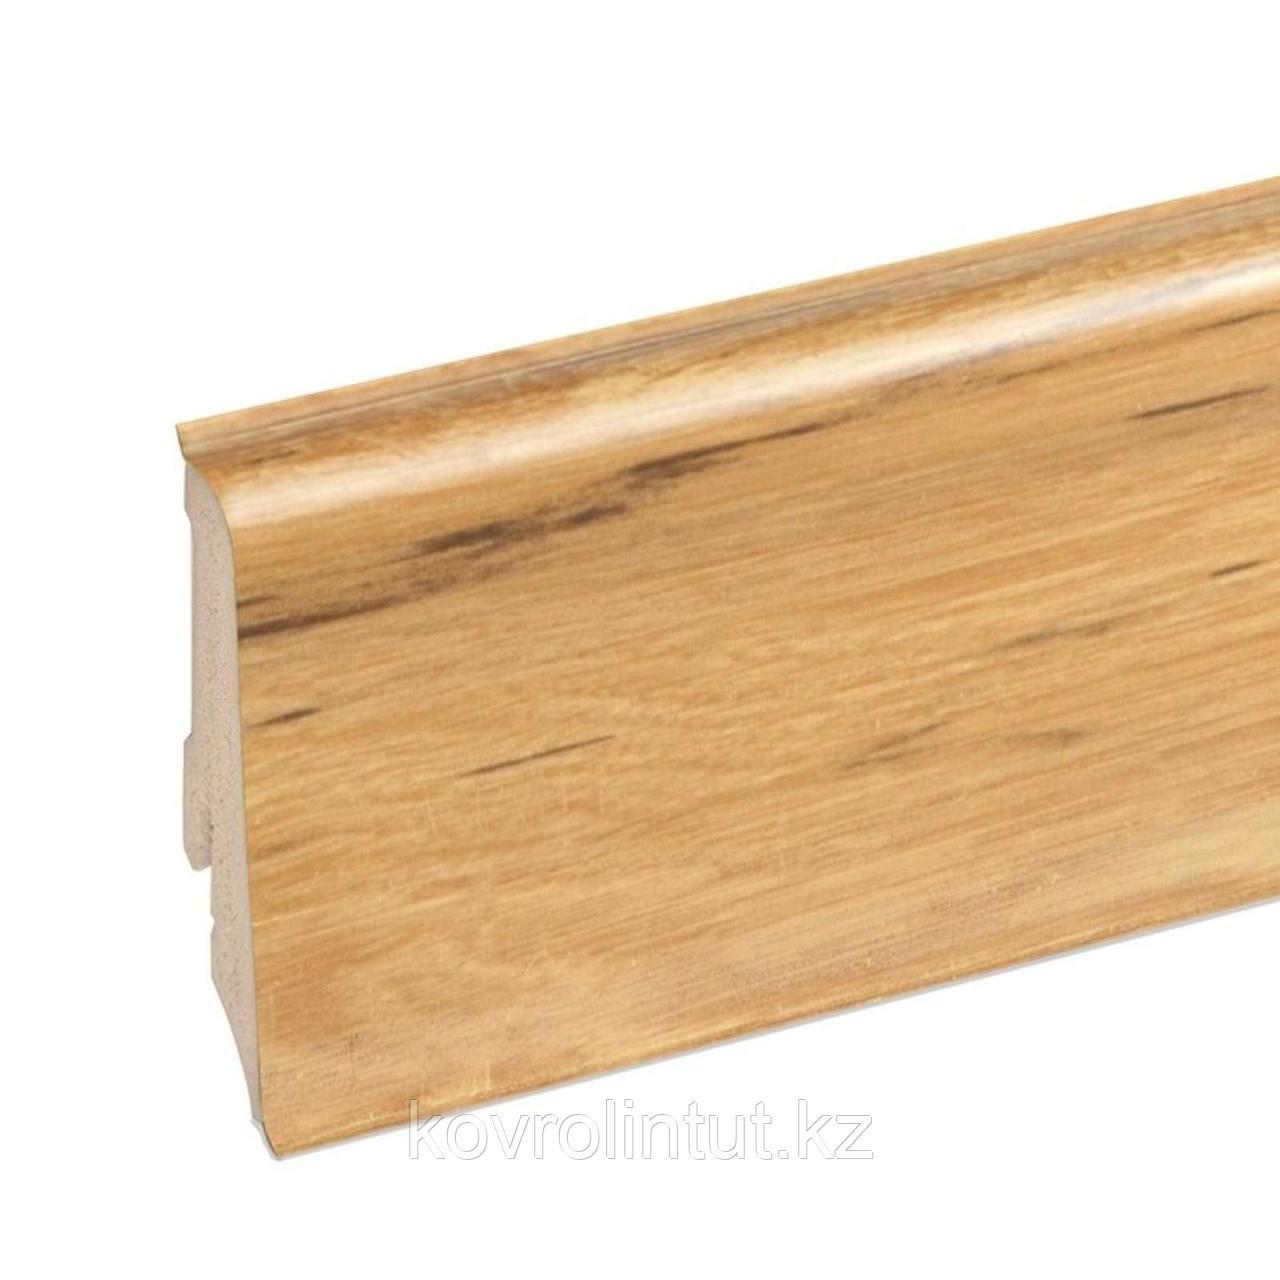 Плинтус композитный для LVT Neuhofer Holz, K0210L, 714464, 2400х59х17 мм